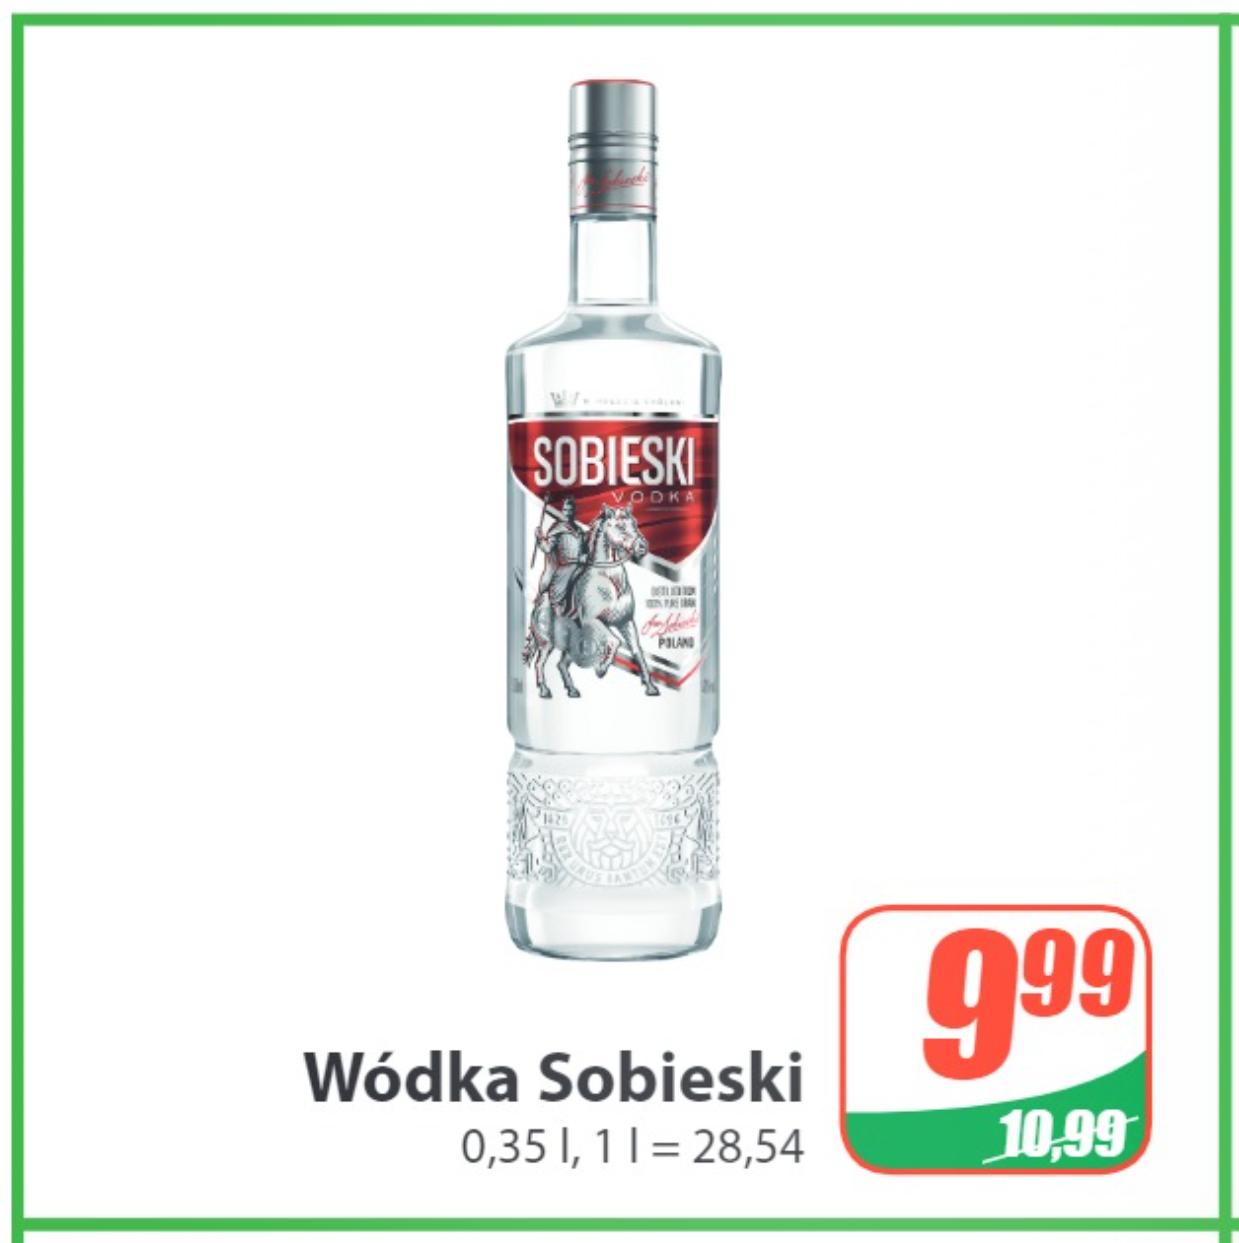 Wódka Sobieski 0,35l (możliwe 9,08zł) - DINO